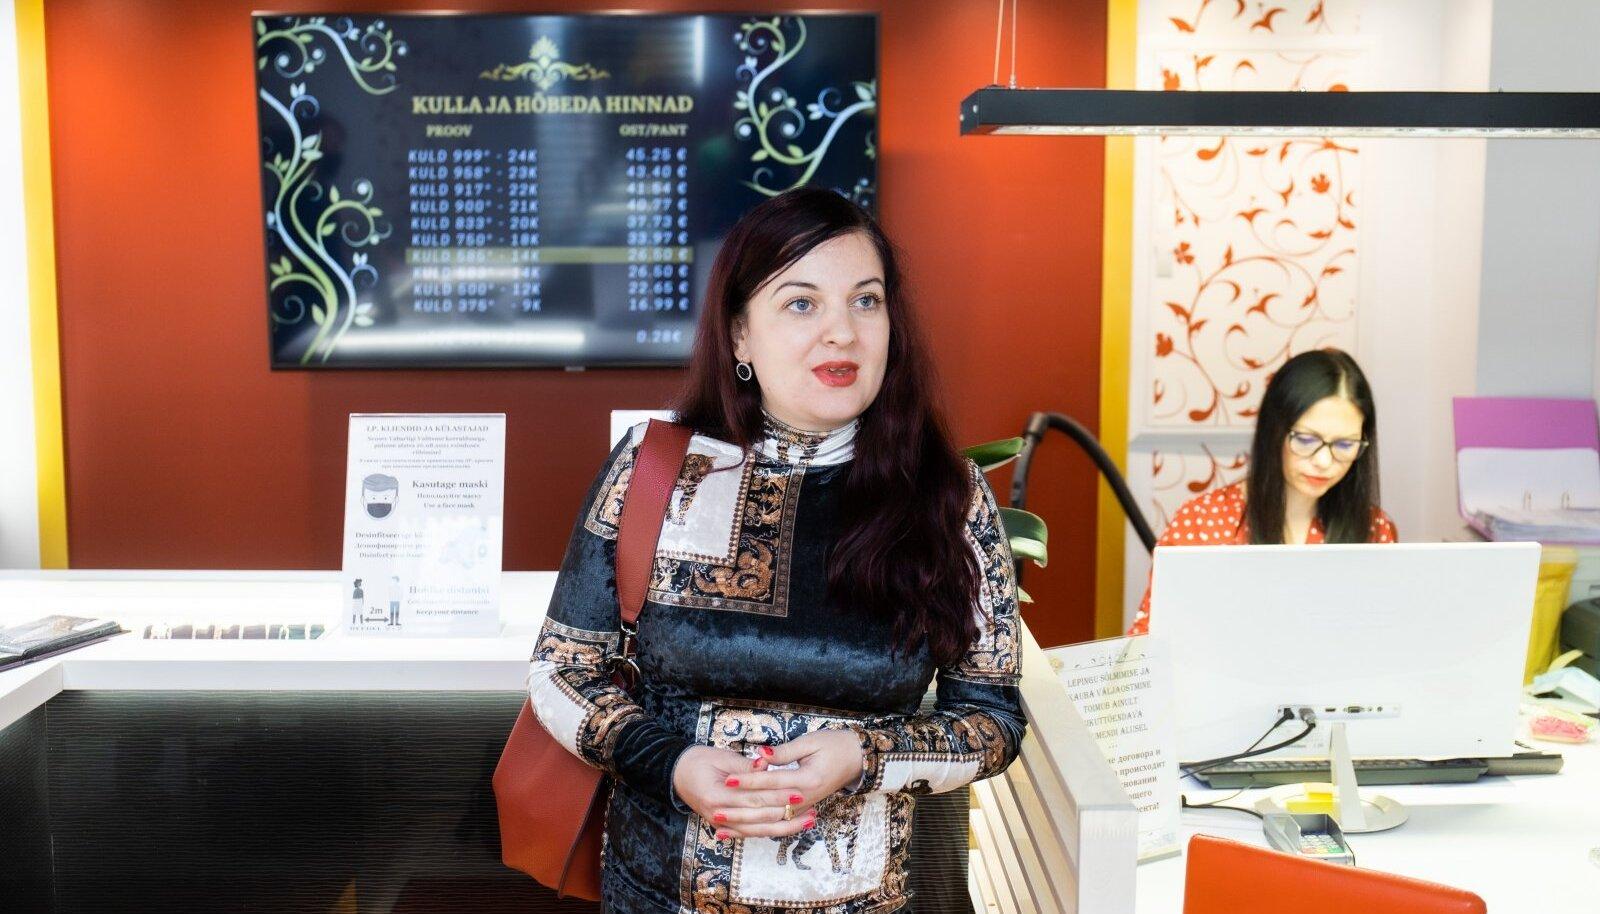 Luutari pandimaja omaniku Ljubov-Luule Emmari sõnul tulid nad 2006. aastal turule, et muuta pandimajade mainet. Nüüdseks on tal see missioon õnnestunud.